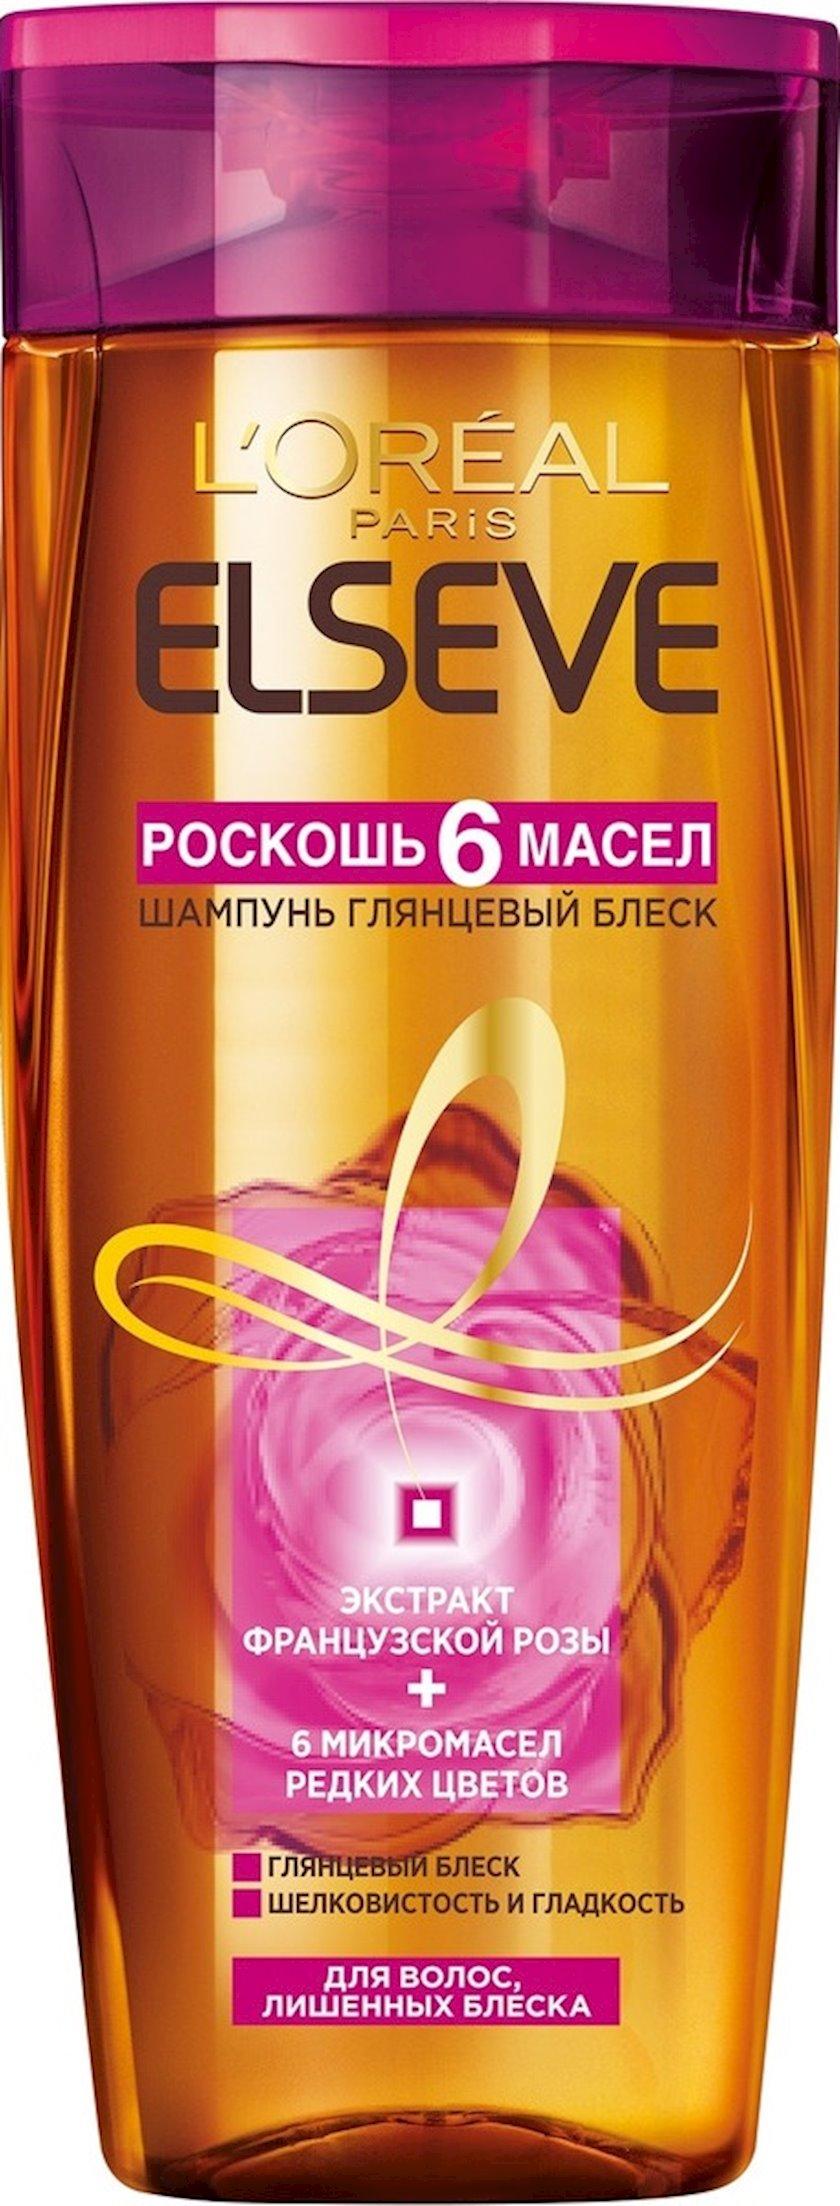 Şampun L'Oreal Elseve 6 yağ dəbdəbəsi və Parlaq parıltı, 250 ml